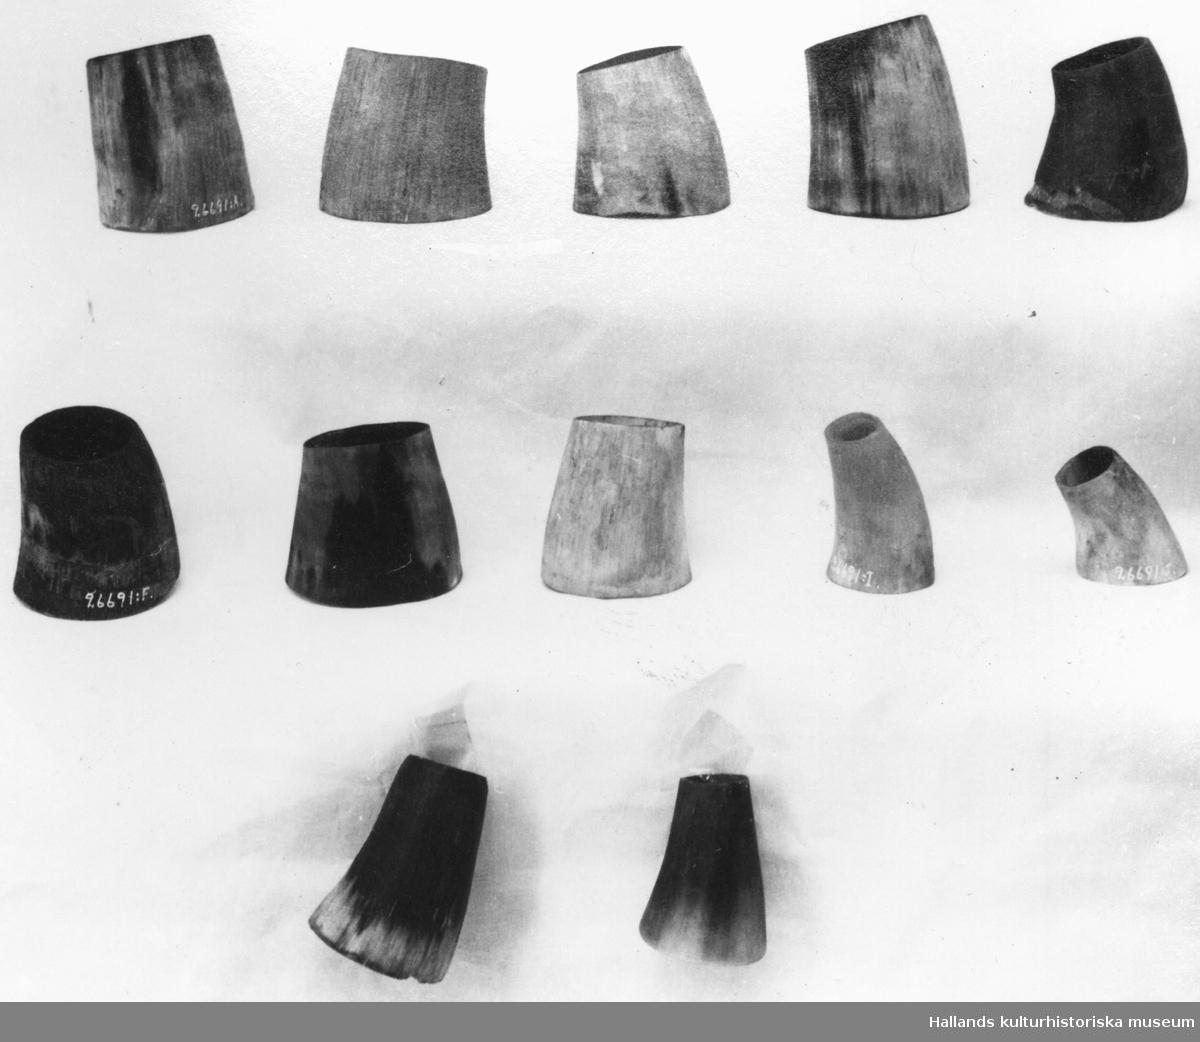 Fjälsterhorn. 12 stycken gul-svarta kohorn till korvstoppning. Längd 5 - 8 cm.